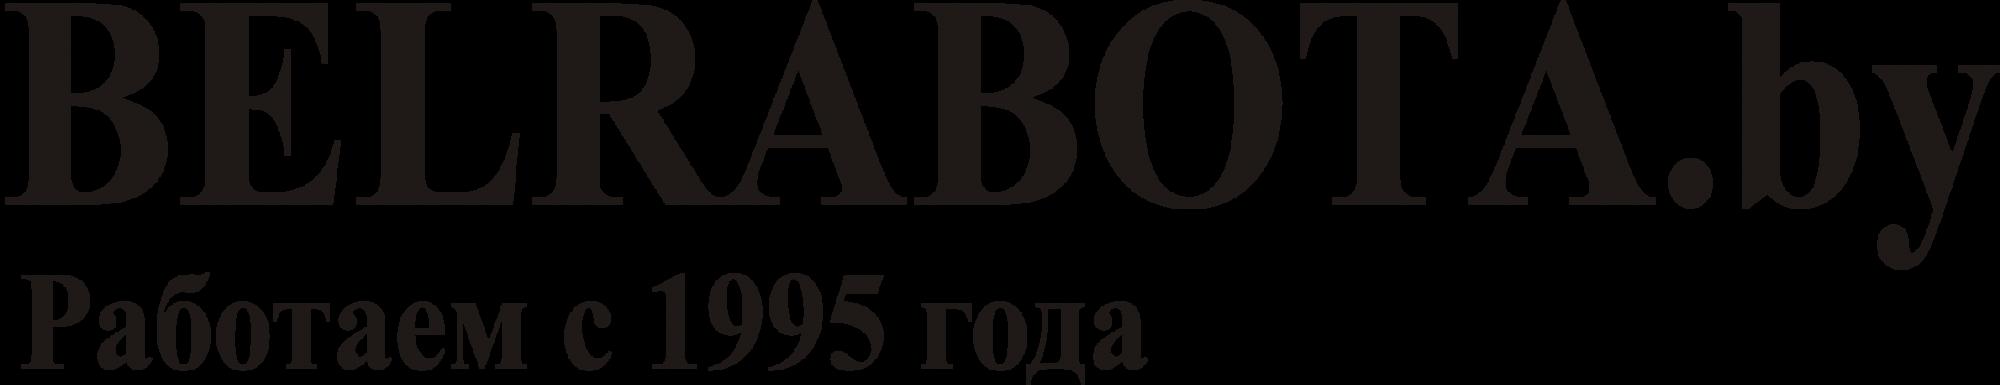 Работа в минске свежие вакансии для девушек вебкам эротика трахнул девушку русскую на работе